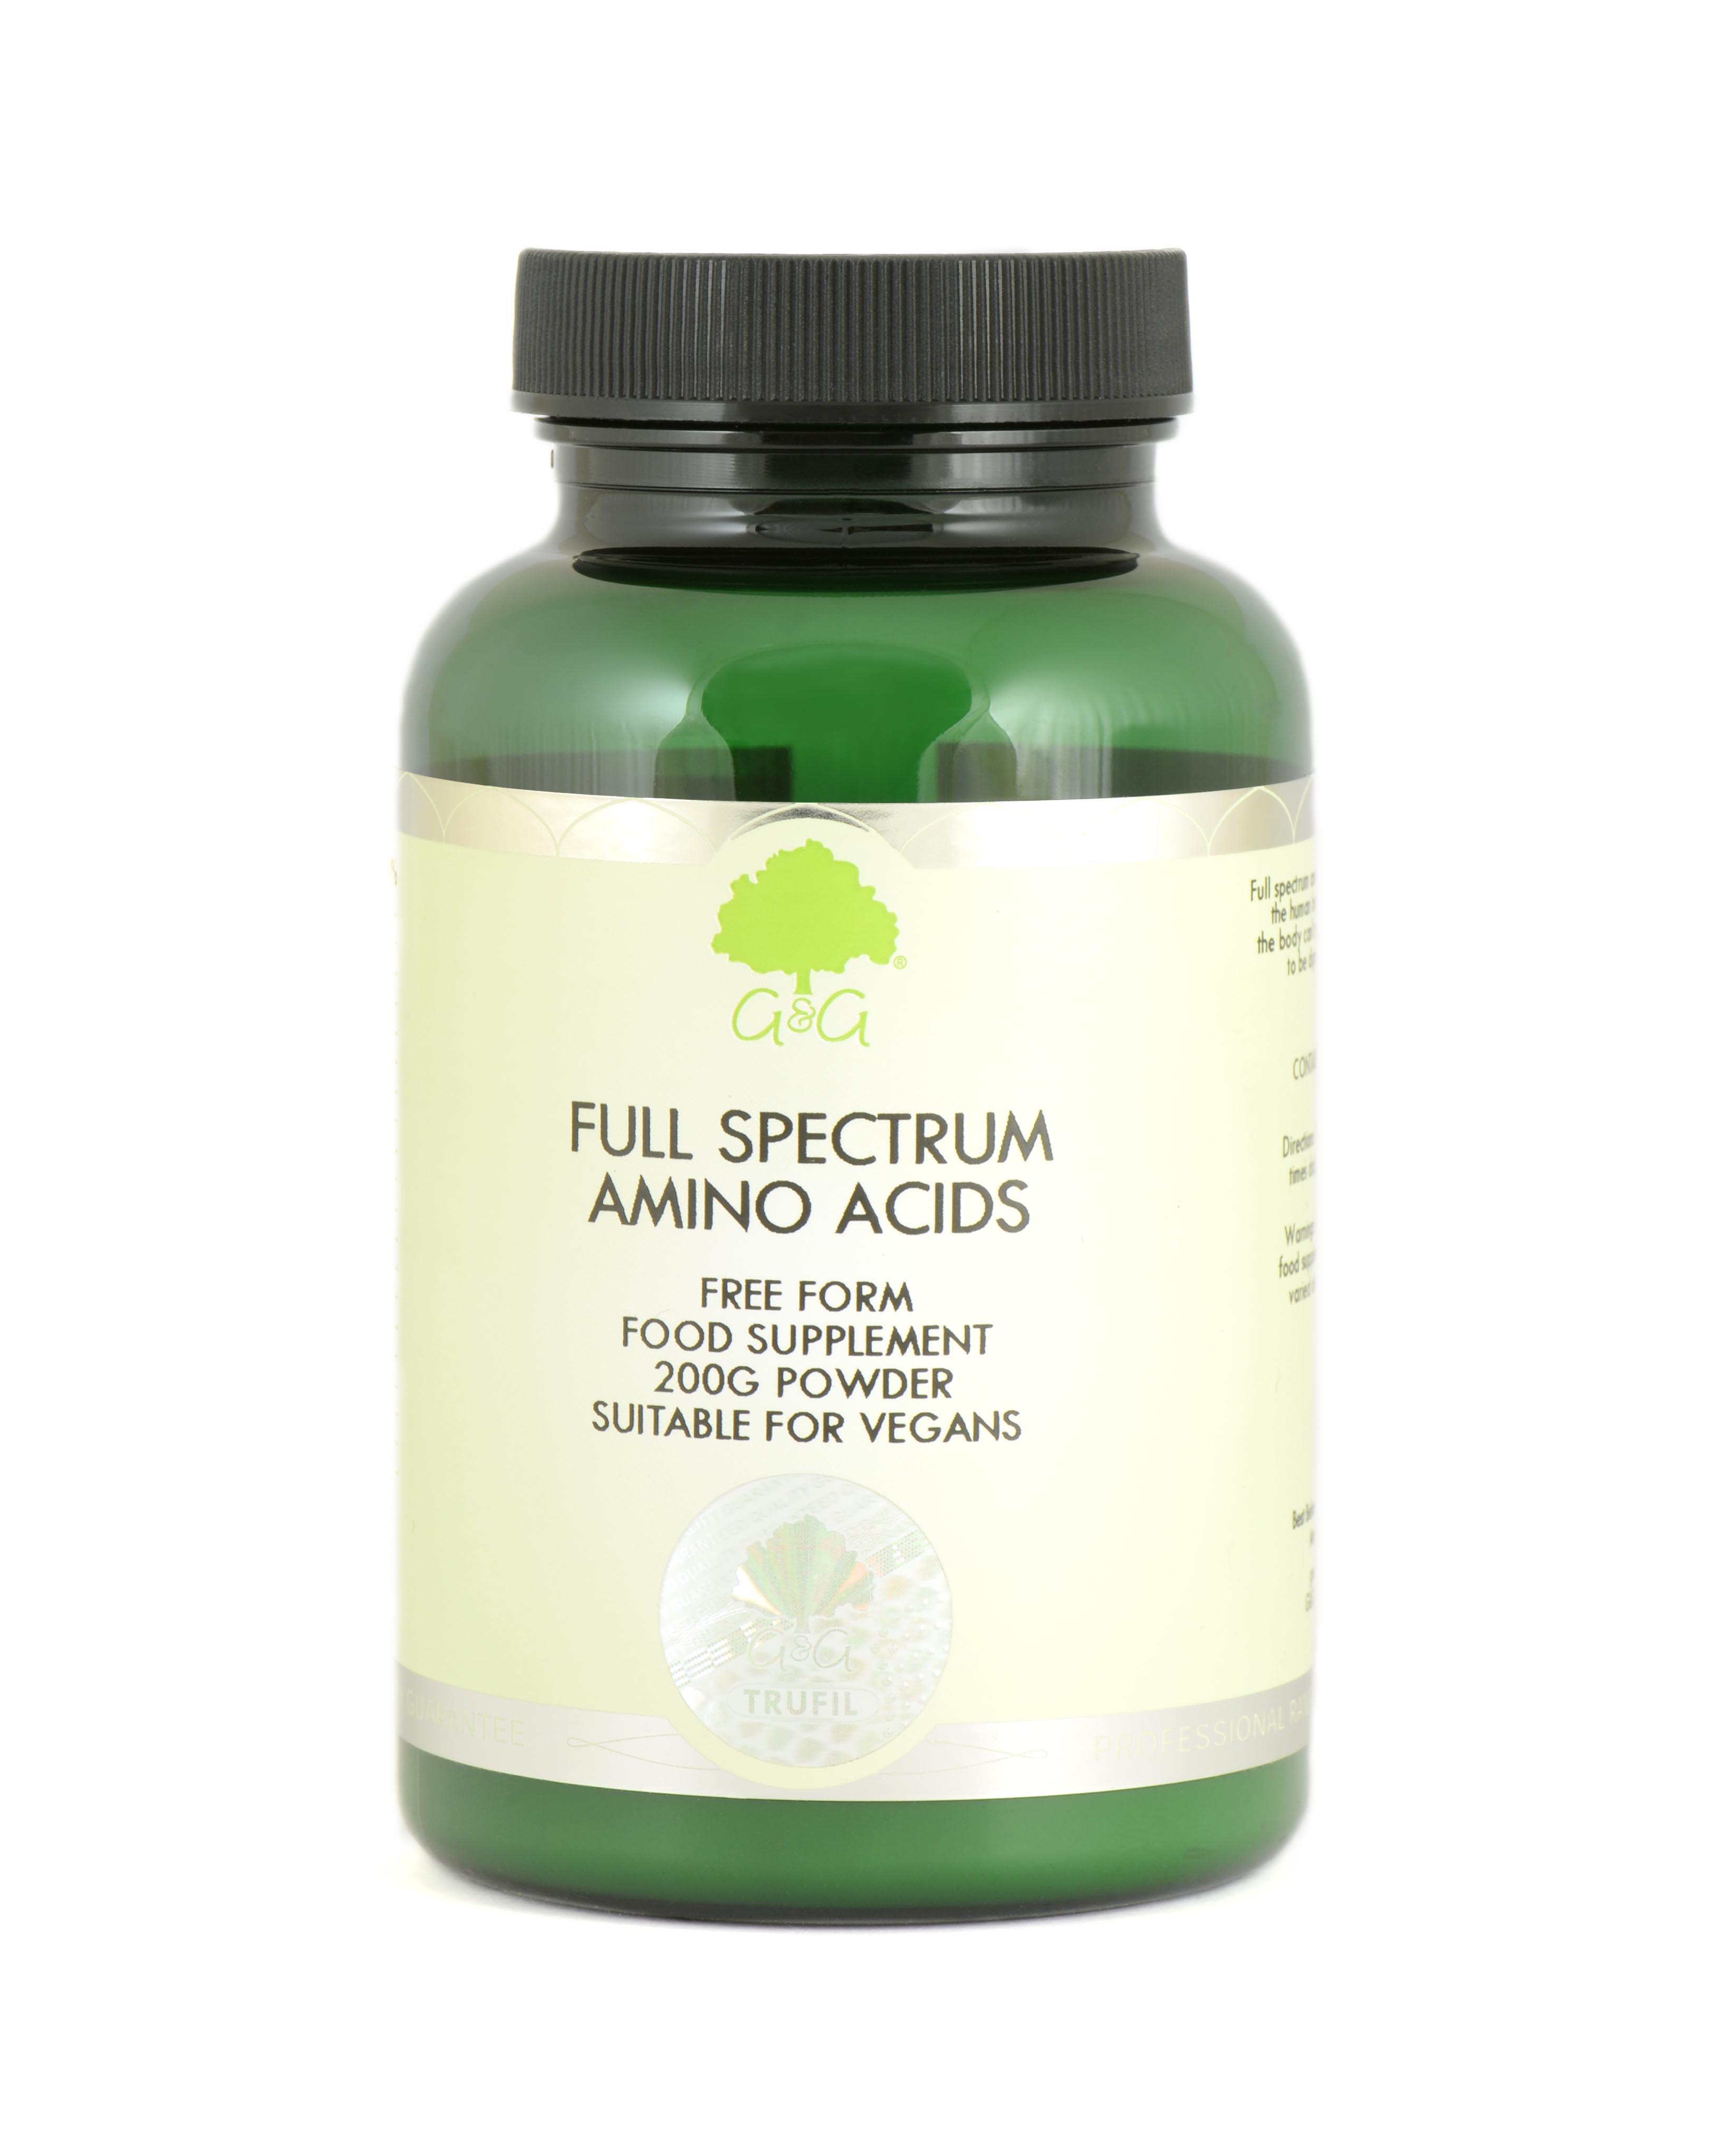 Full Spectrum Amino Acids 200g